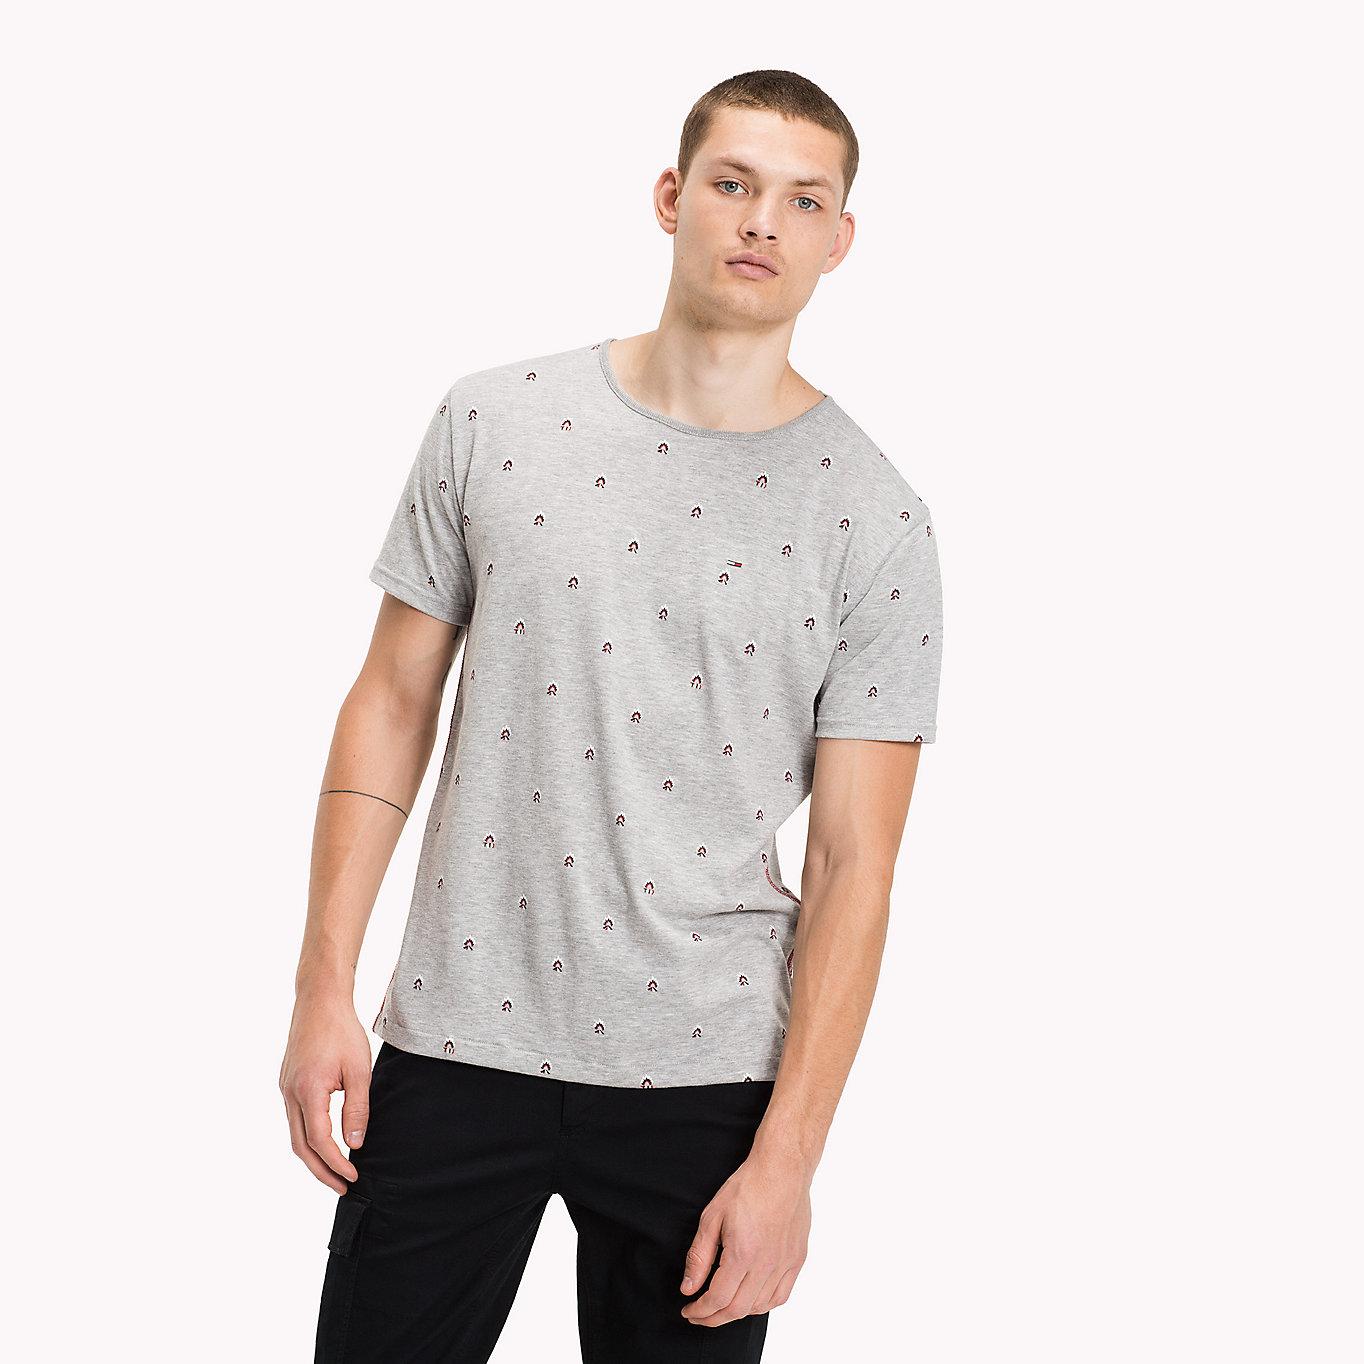 Rundhals-T-Shirt aus Baumwoll-Jersey